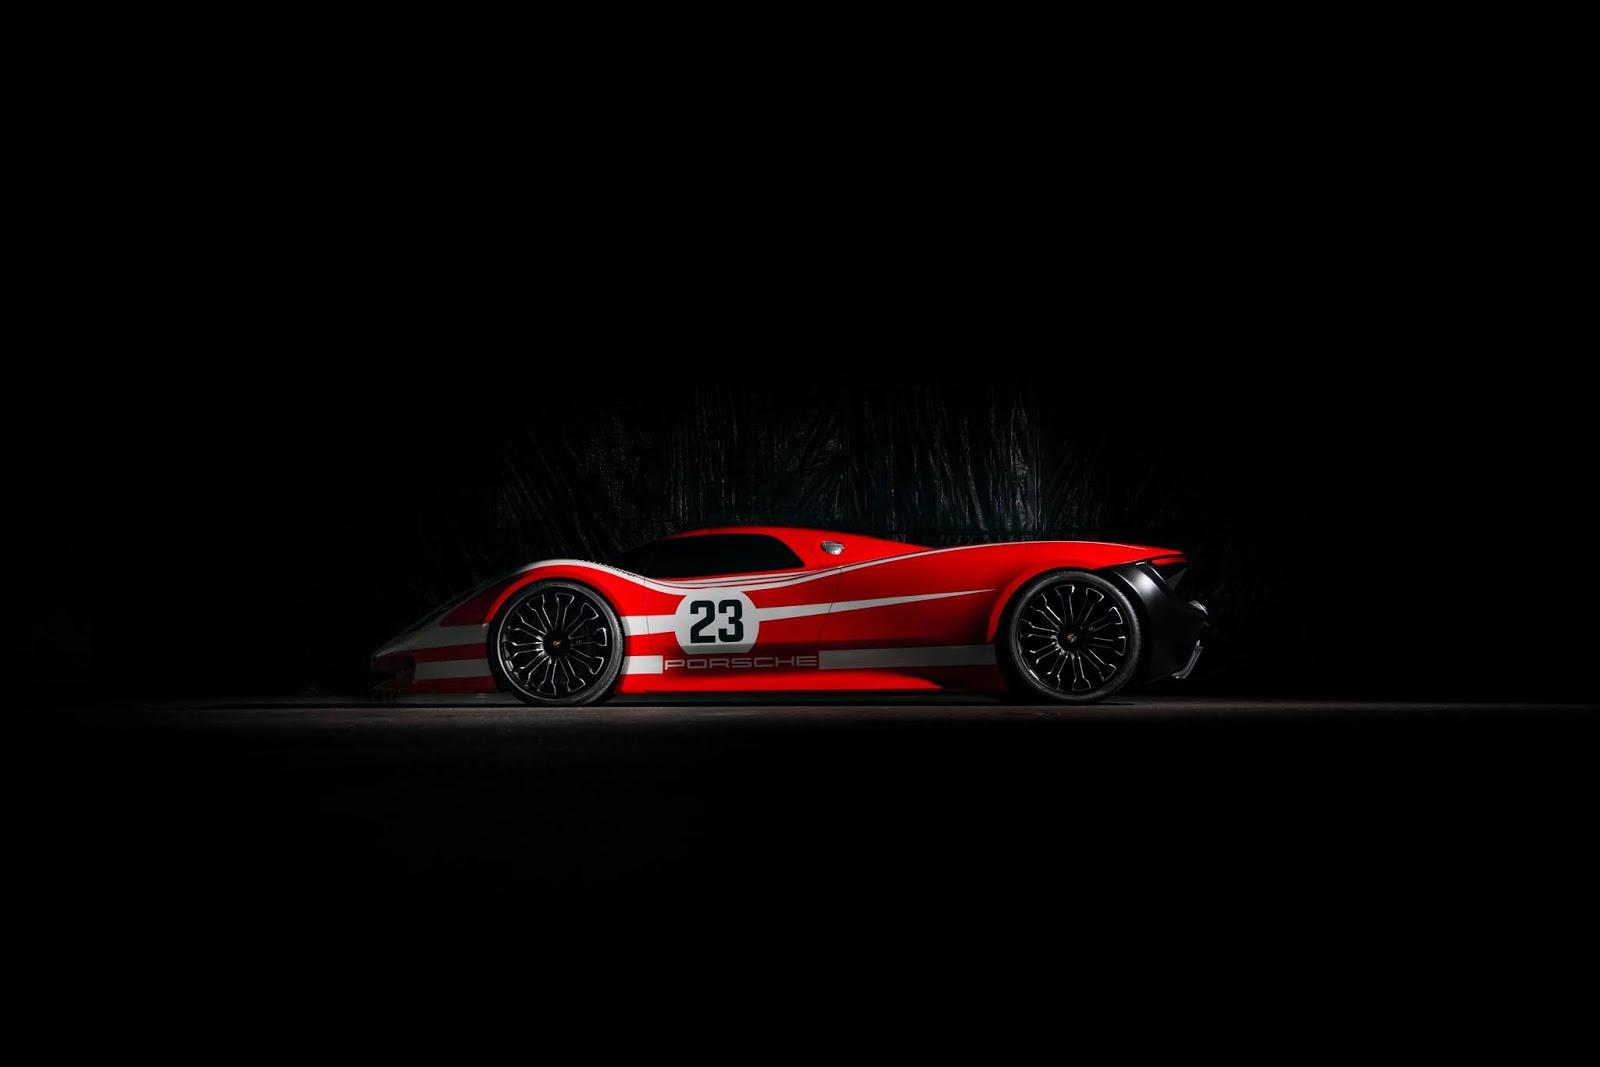 POR2314 1 Τα άγνωστα Hypercars της Porsche hypercar, Porsche, Porsche Unseen, Sunday, supercar, supercars, zblog, ειδήσεις